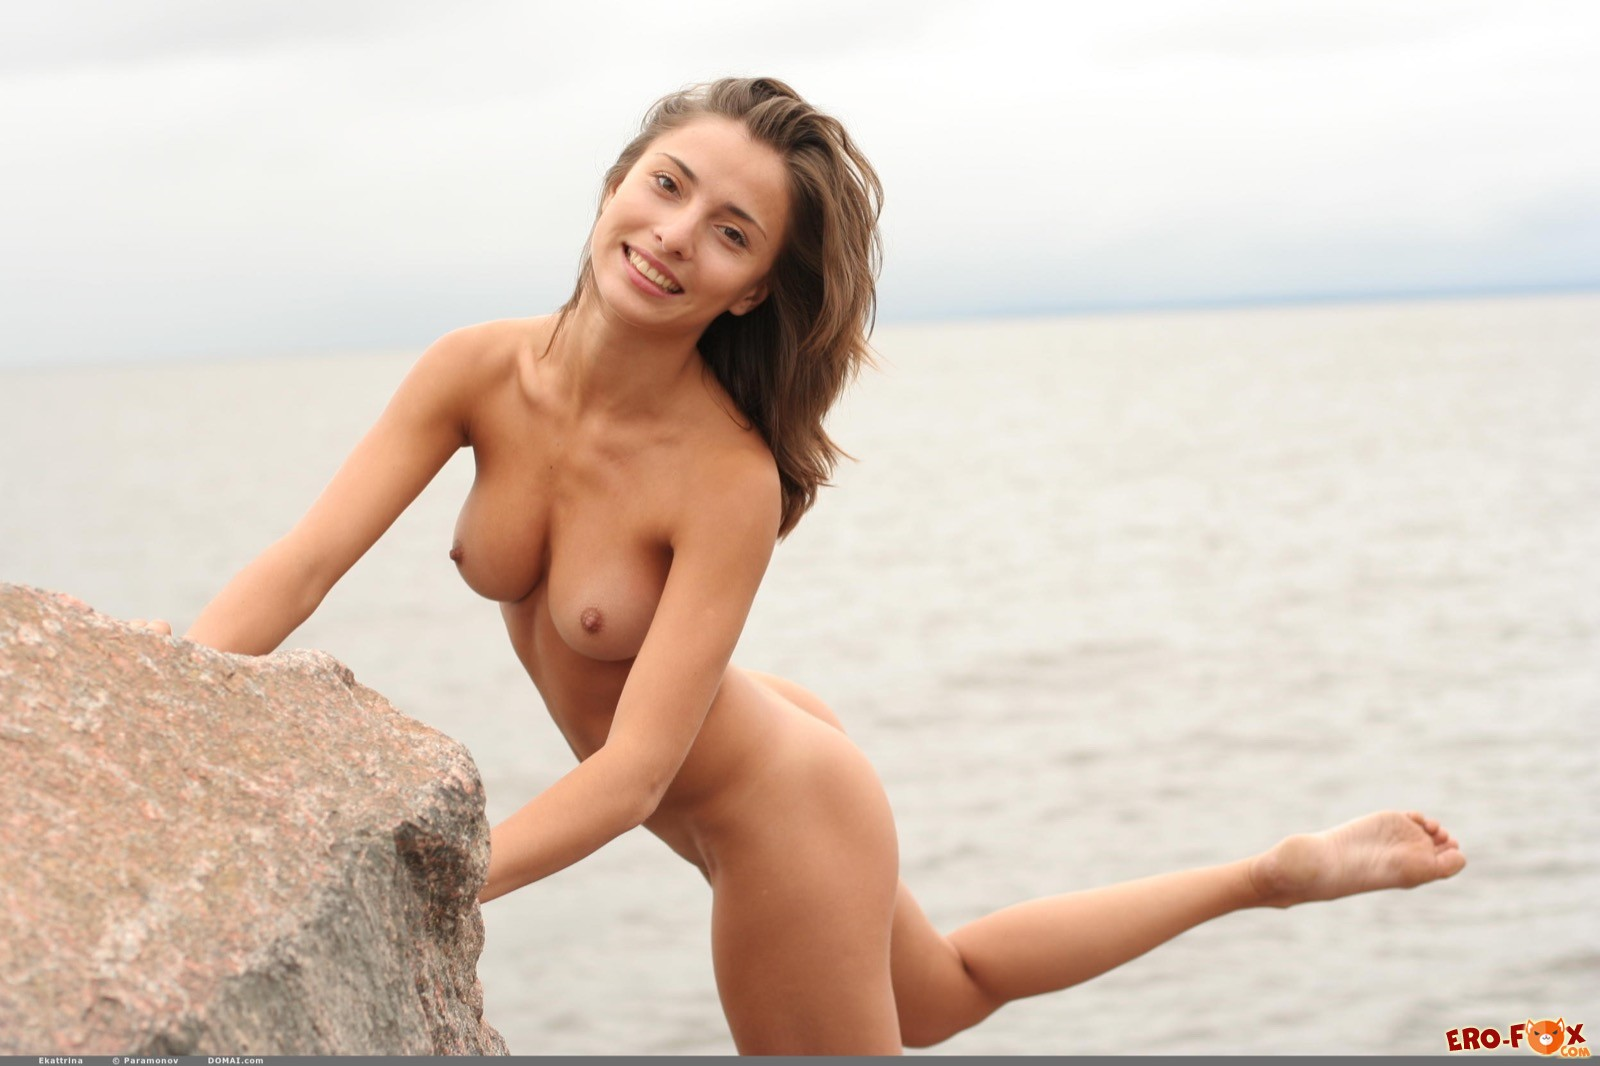 Голая шатенка с красивым телом позирует у моря